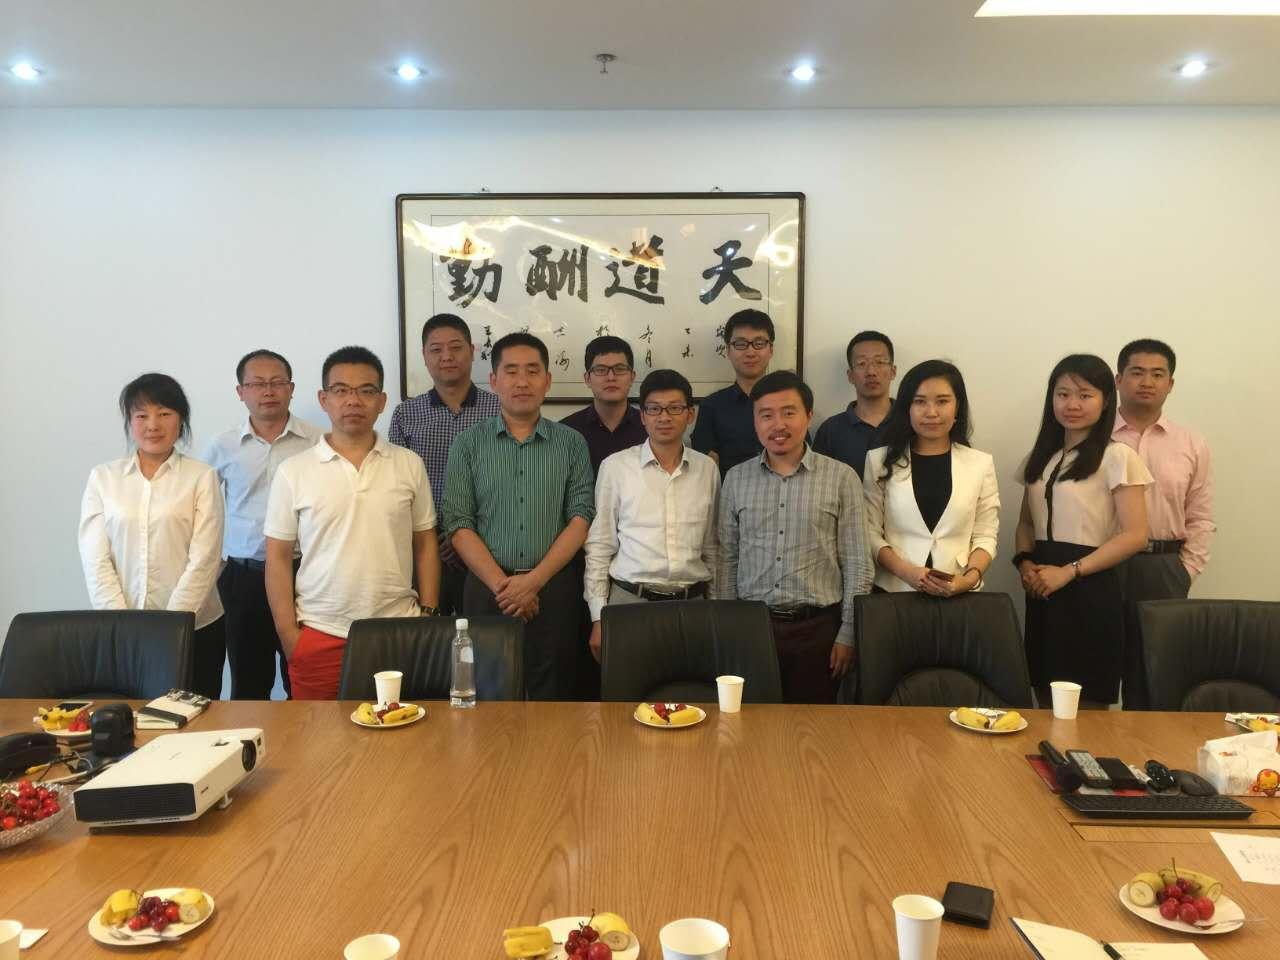 因诺资产徐书楠:量化投资新机遇和新挑战